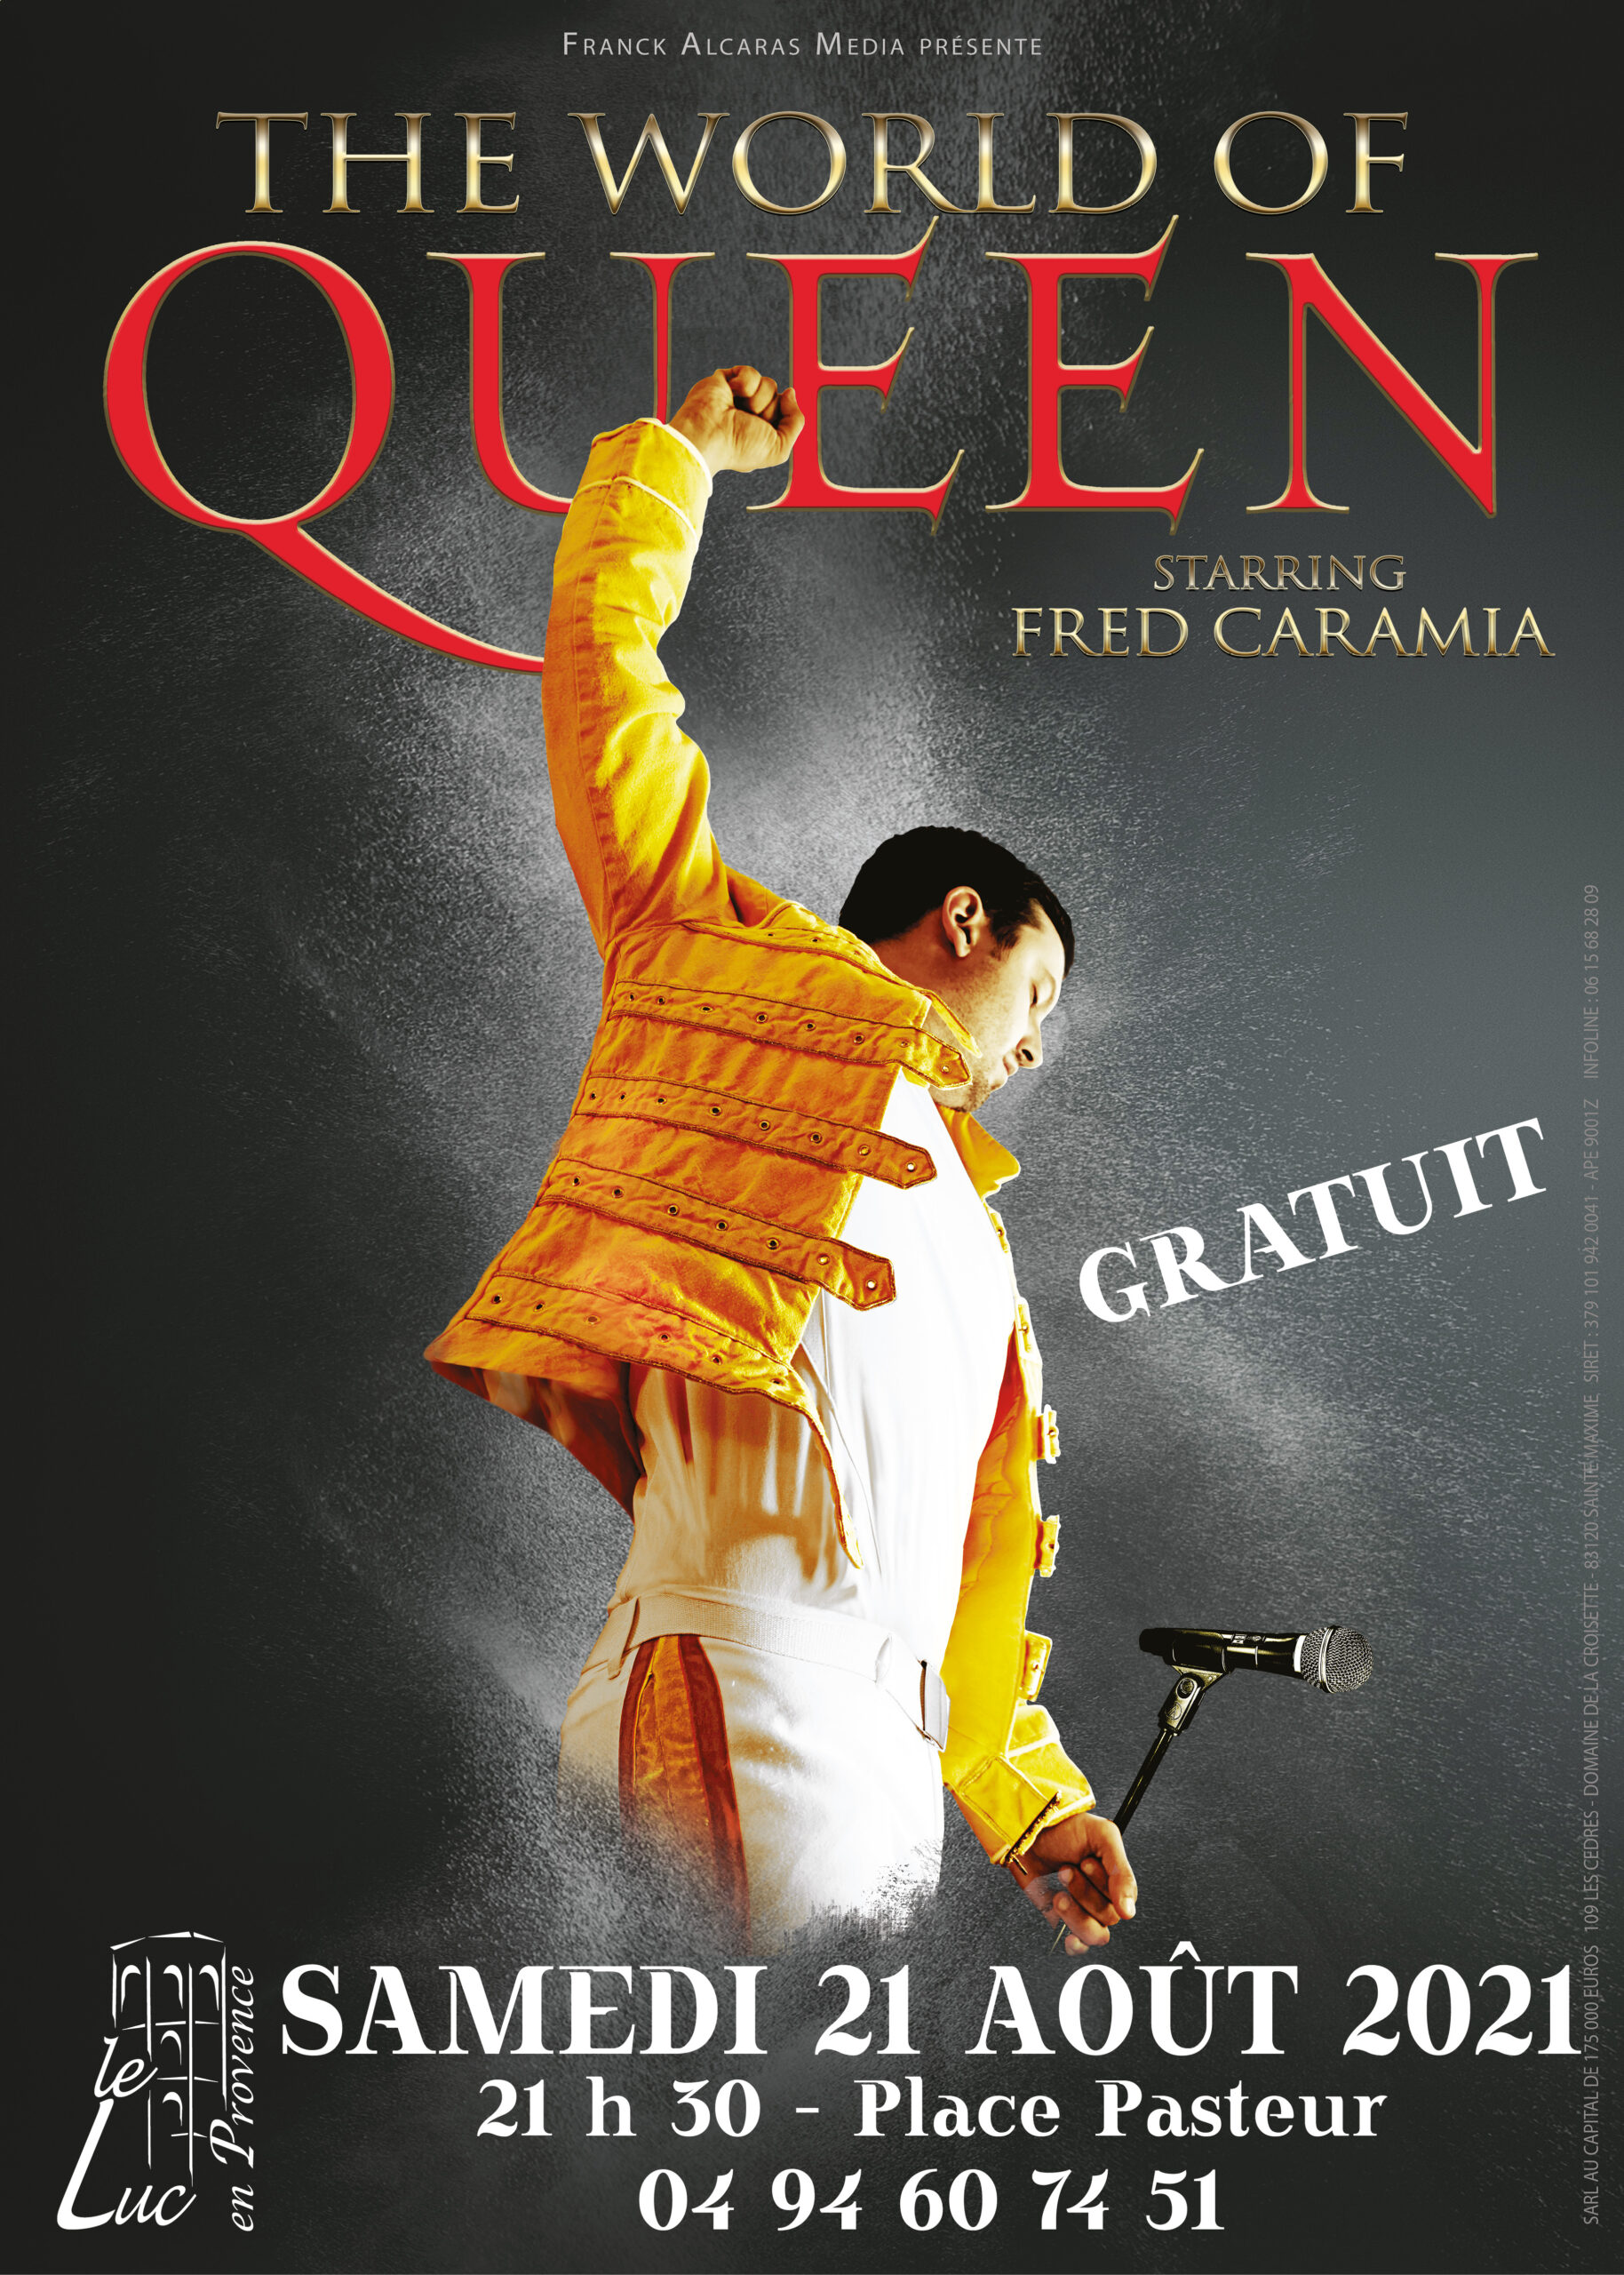 Samedi 21 août – The world of Queen